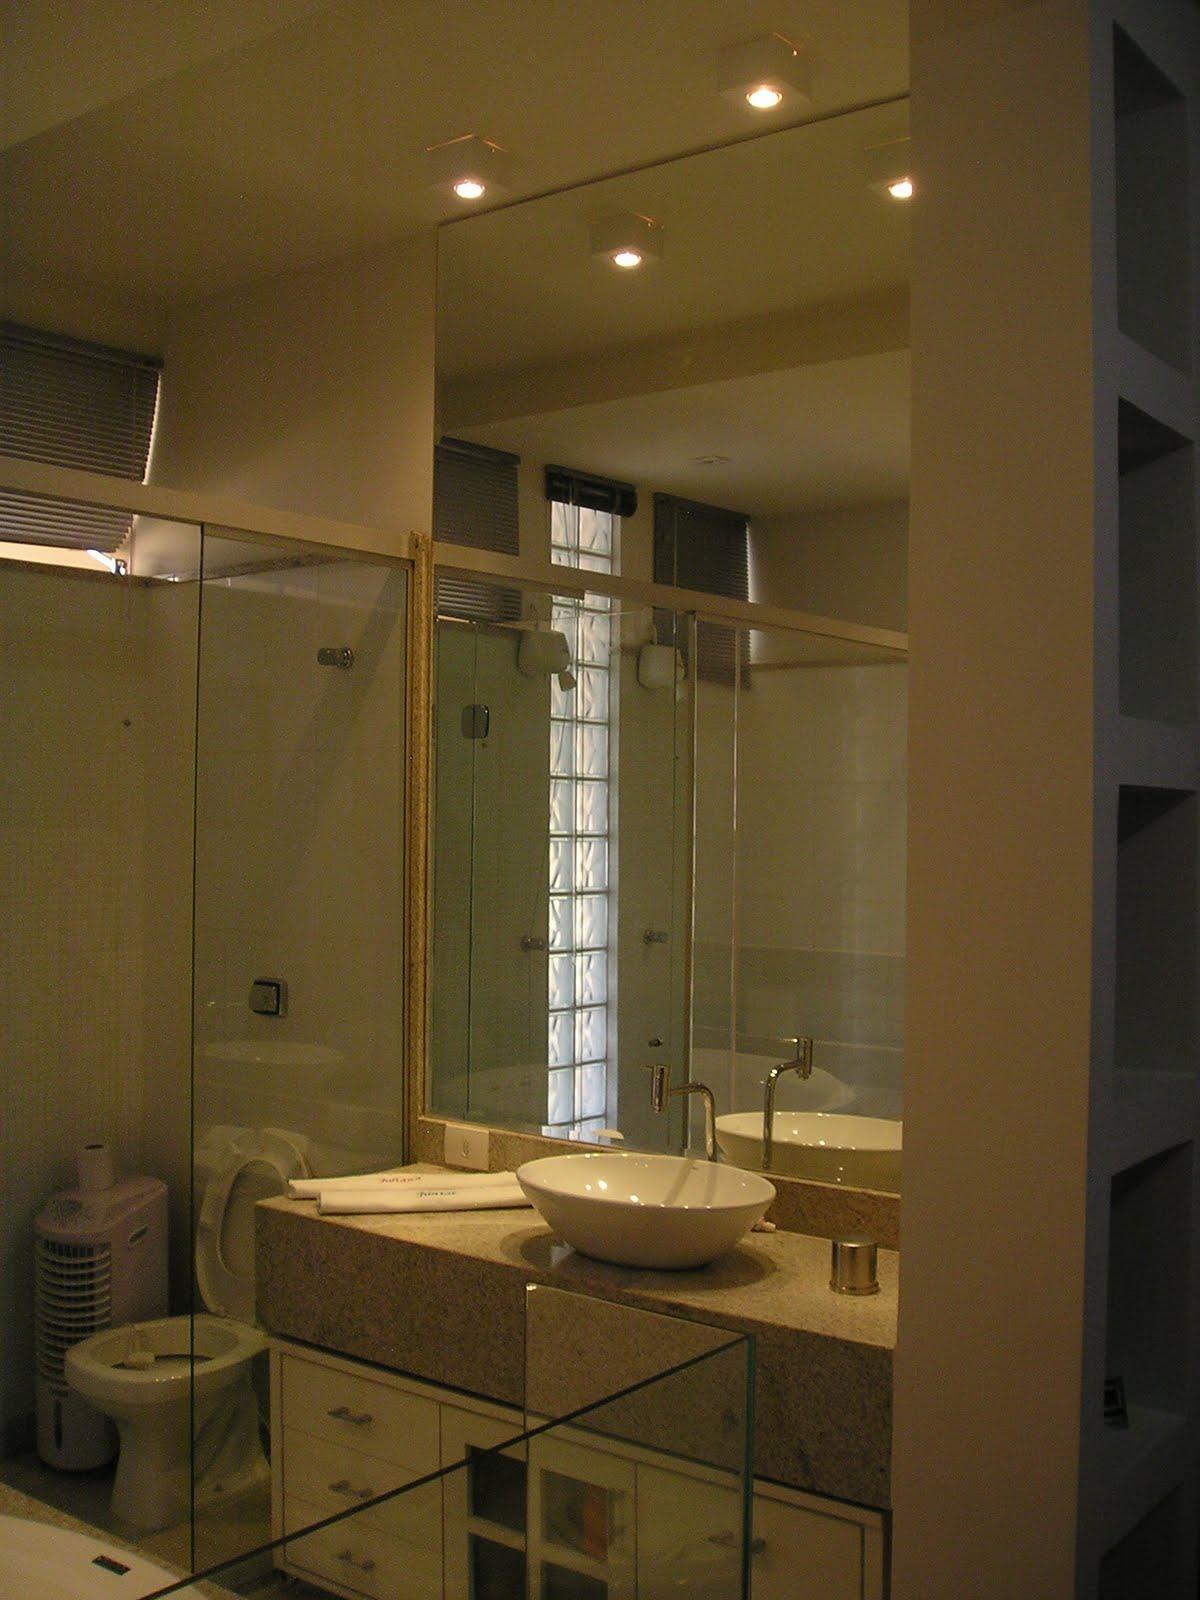 Banheiro Projeto De Reforma Do Pictures #927339 1200 1600